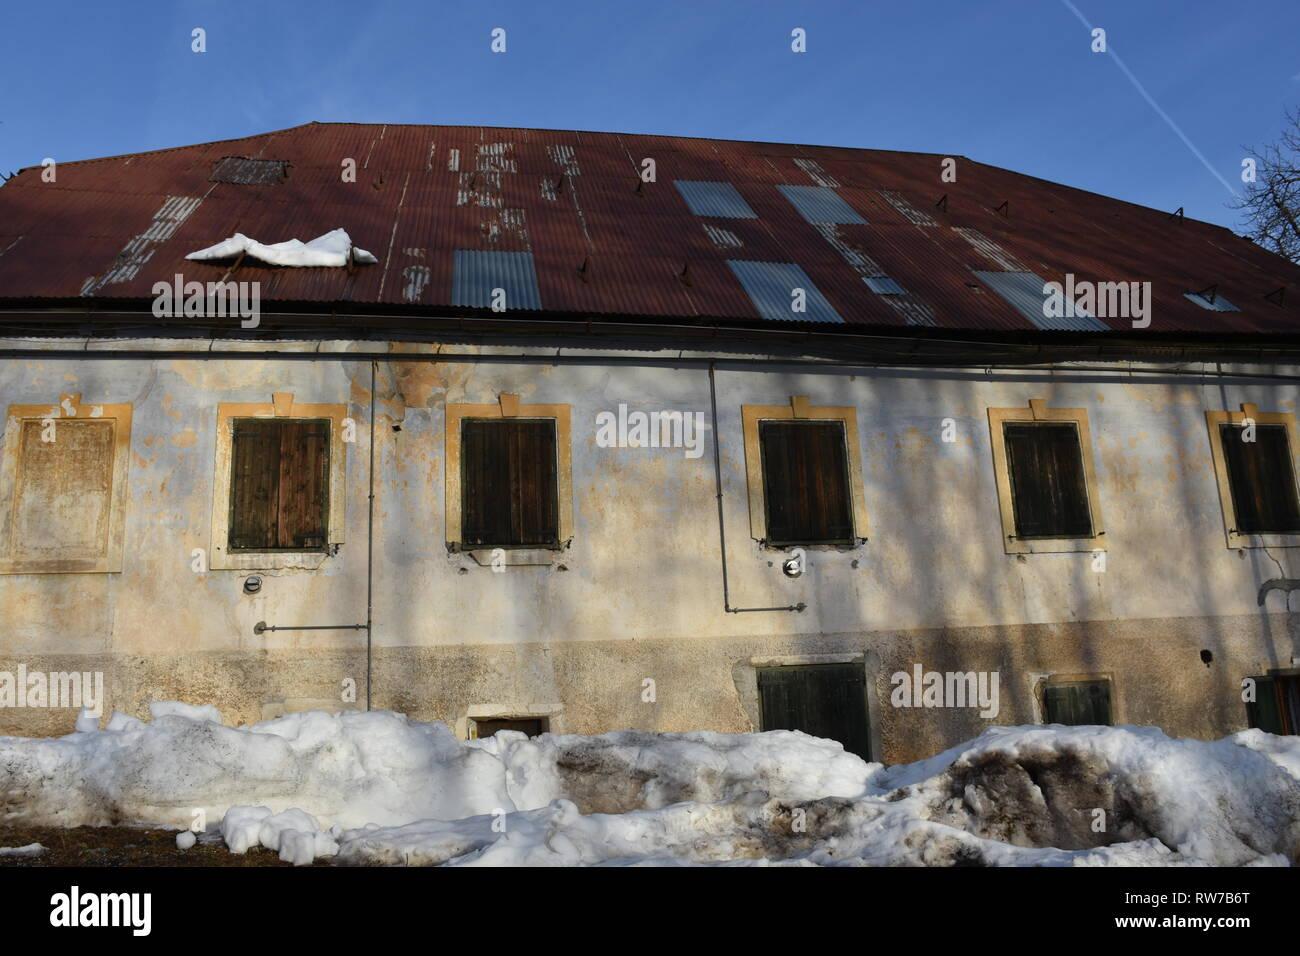 Haus, Gebäude, Lost Place, verlassen, vergessen, Fenster, Fensterladen, geschlossen, Schnee, Winter, Jahreszeit, Dach, Ziegeldach, Verputz - Stock Image